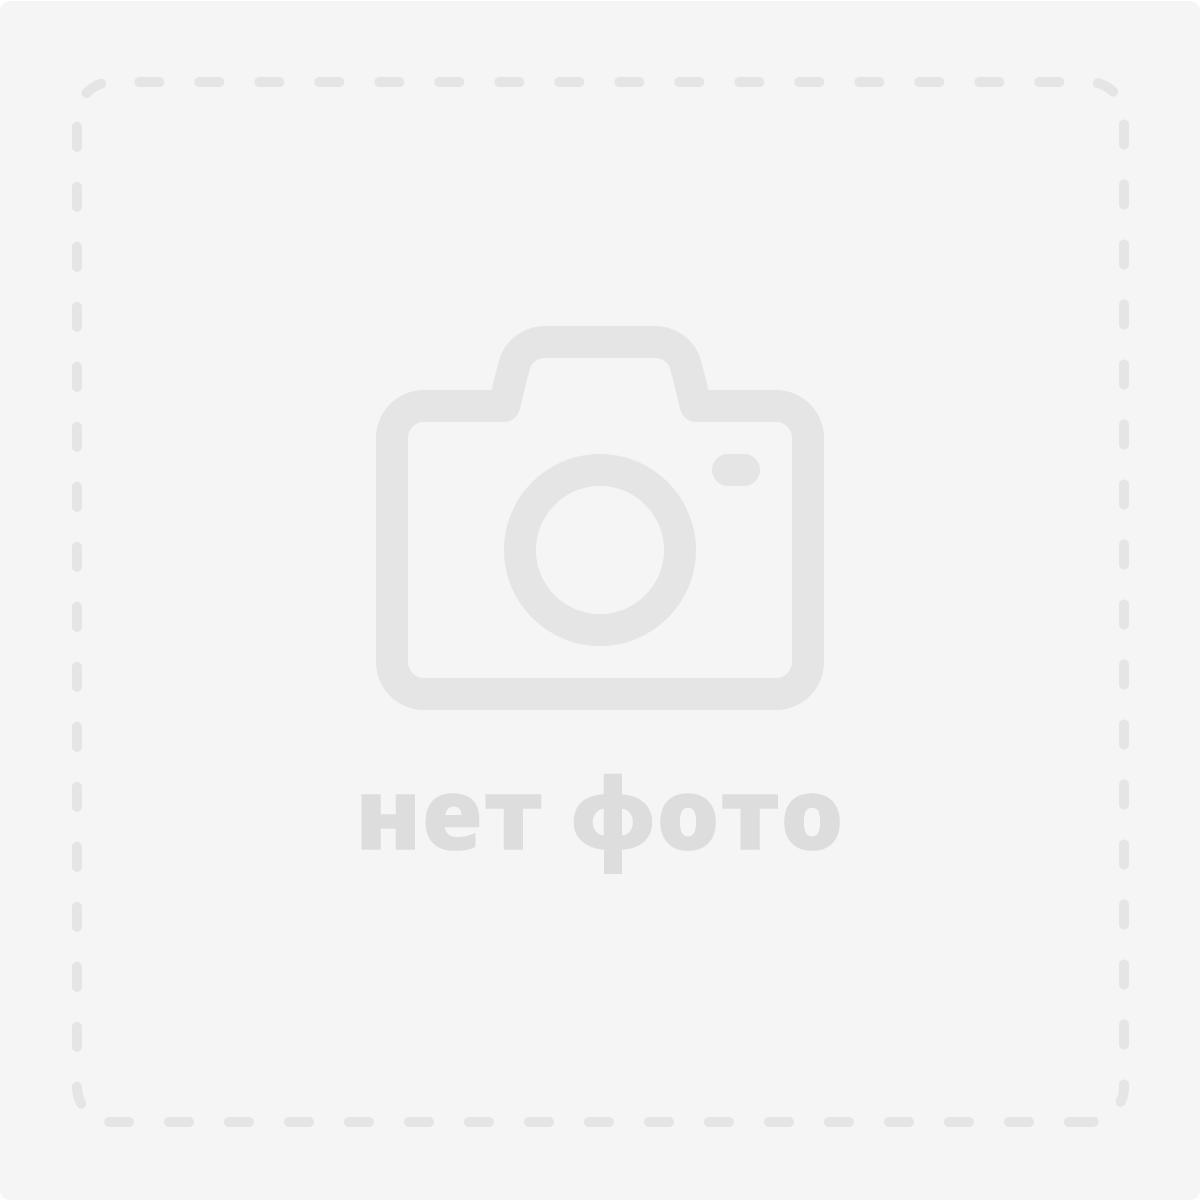 Монета «Заседание Совета глав государств — членов Шанхайской организации сотрудничества в г. Уфе»